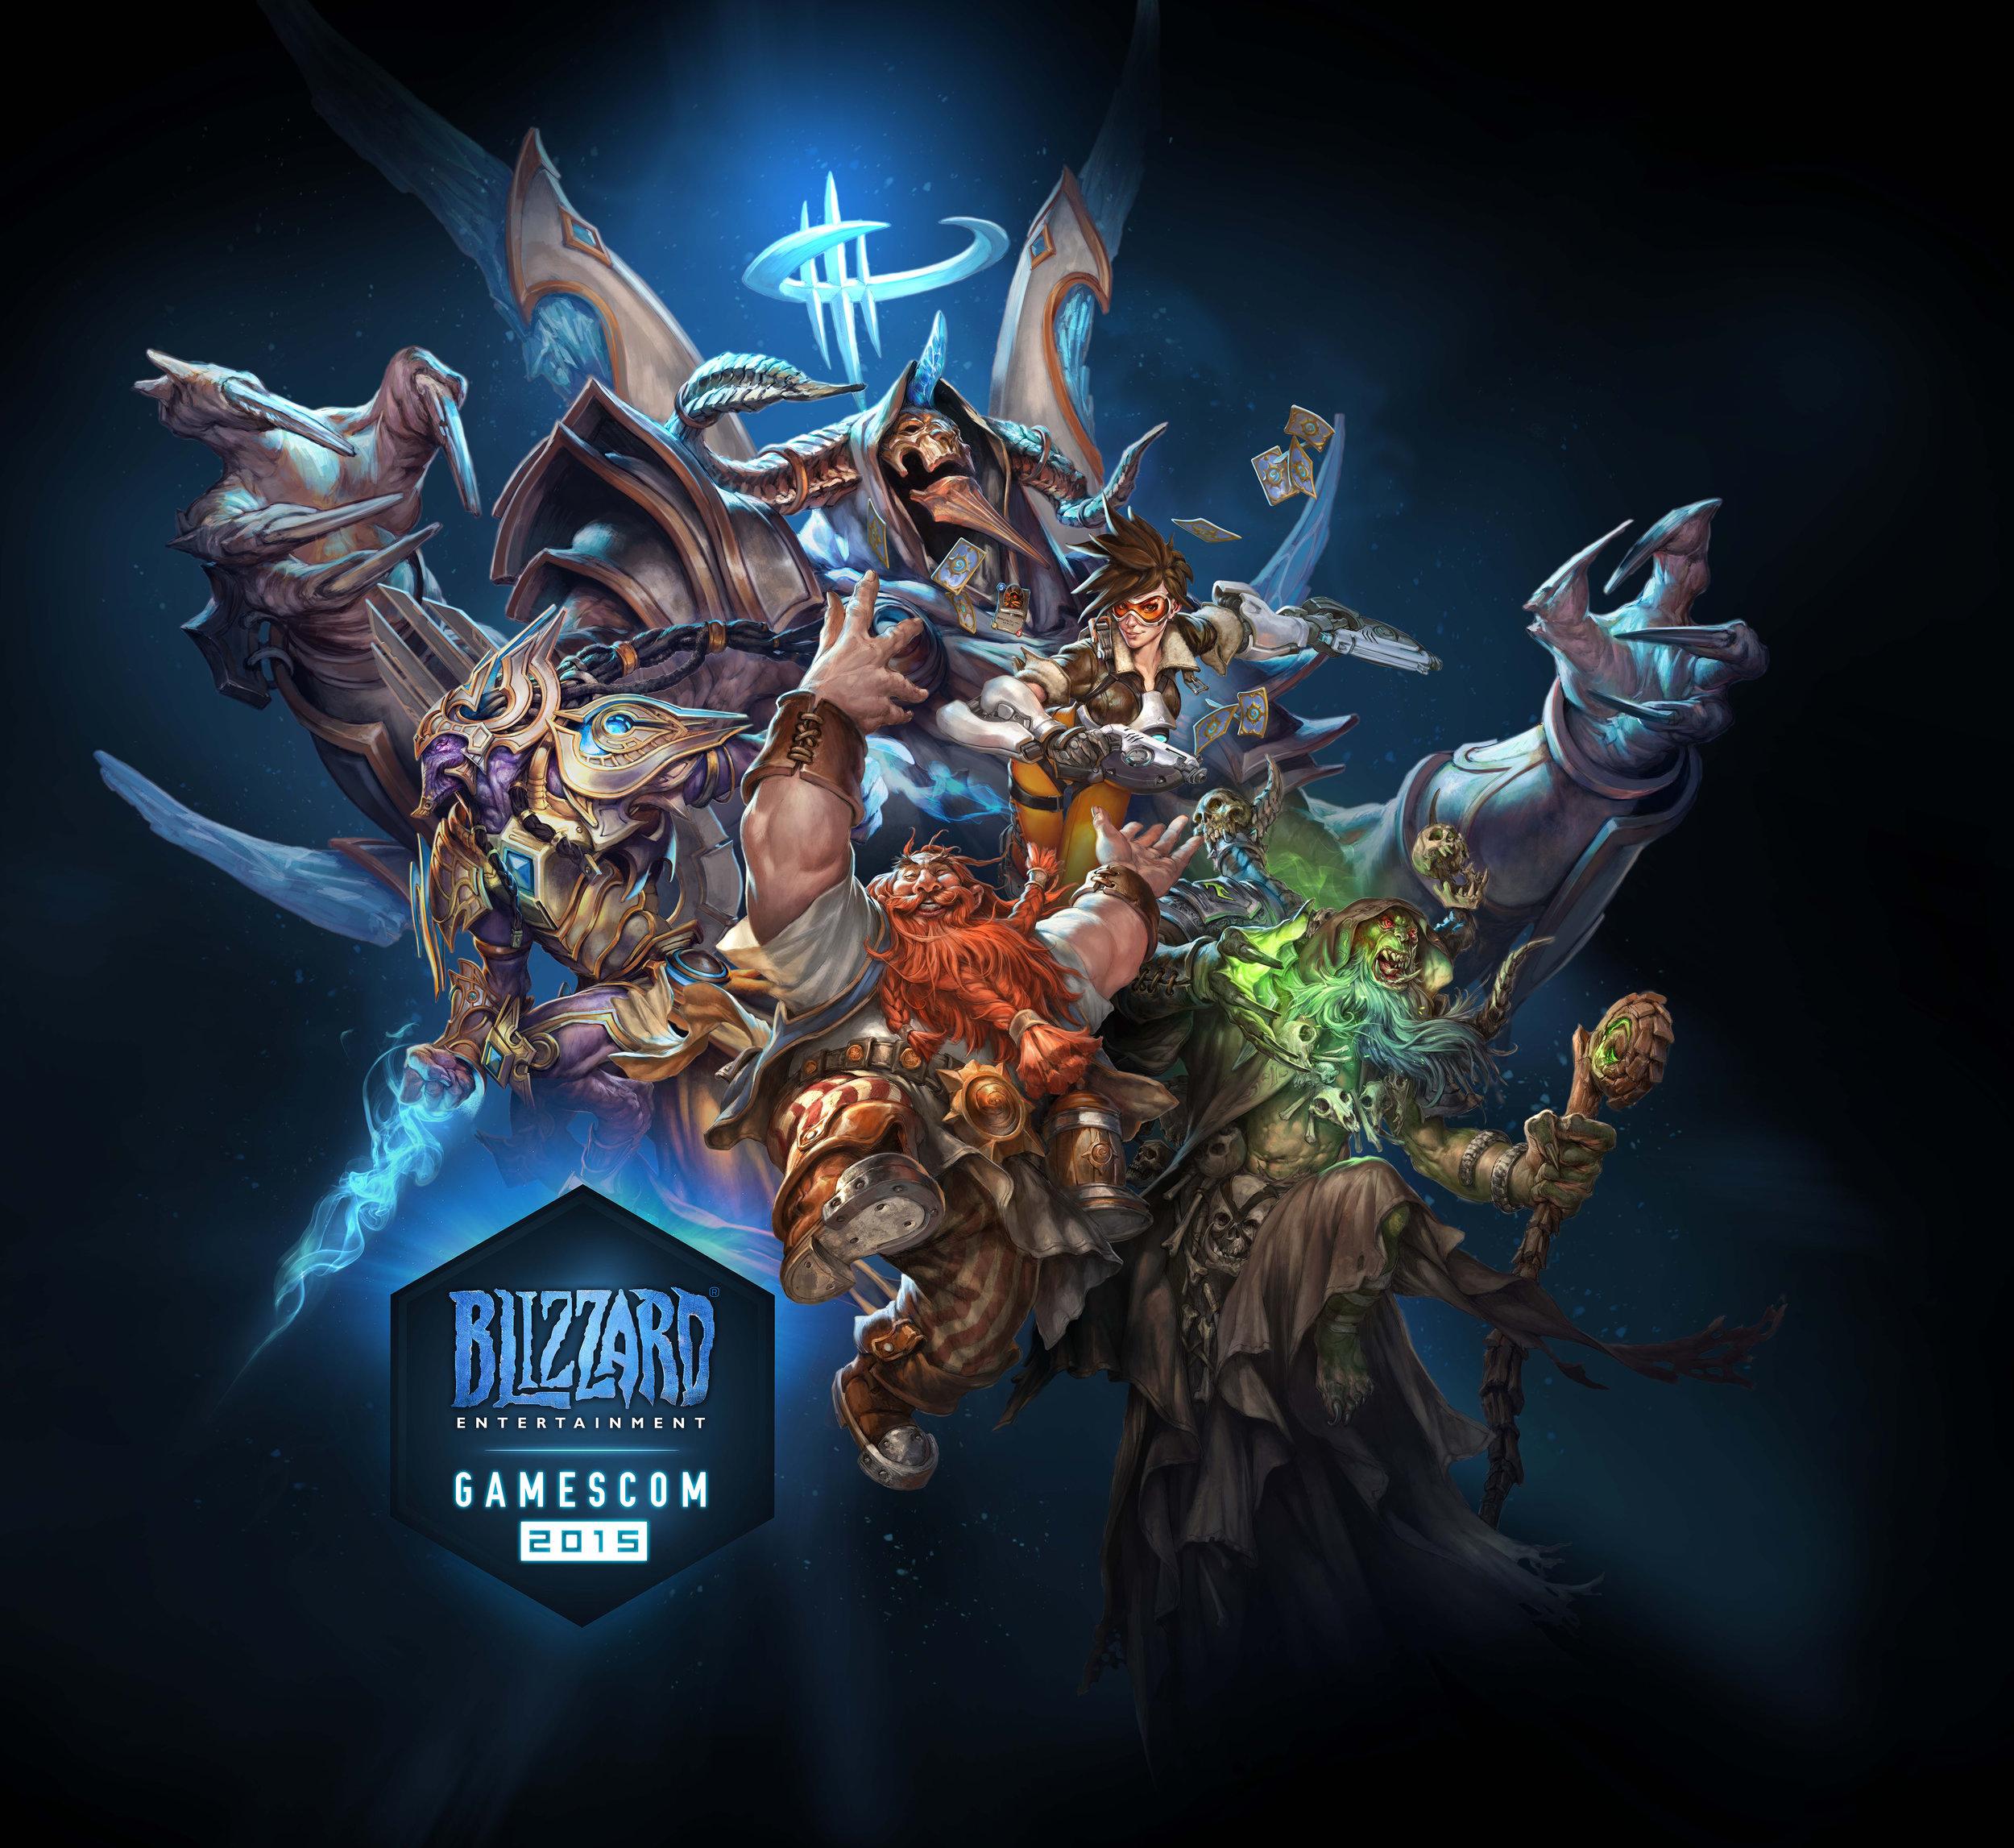 Blizzards Games Com 2015